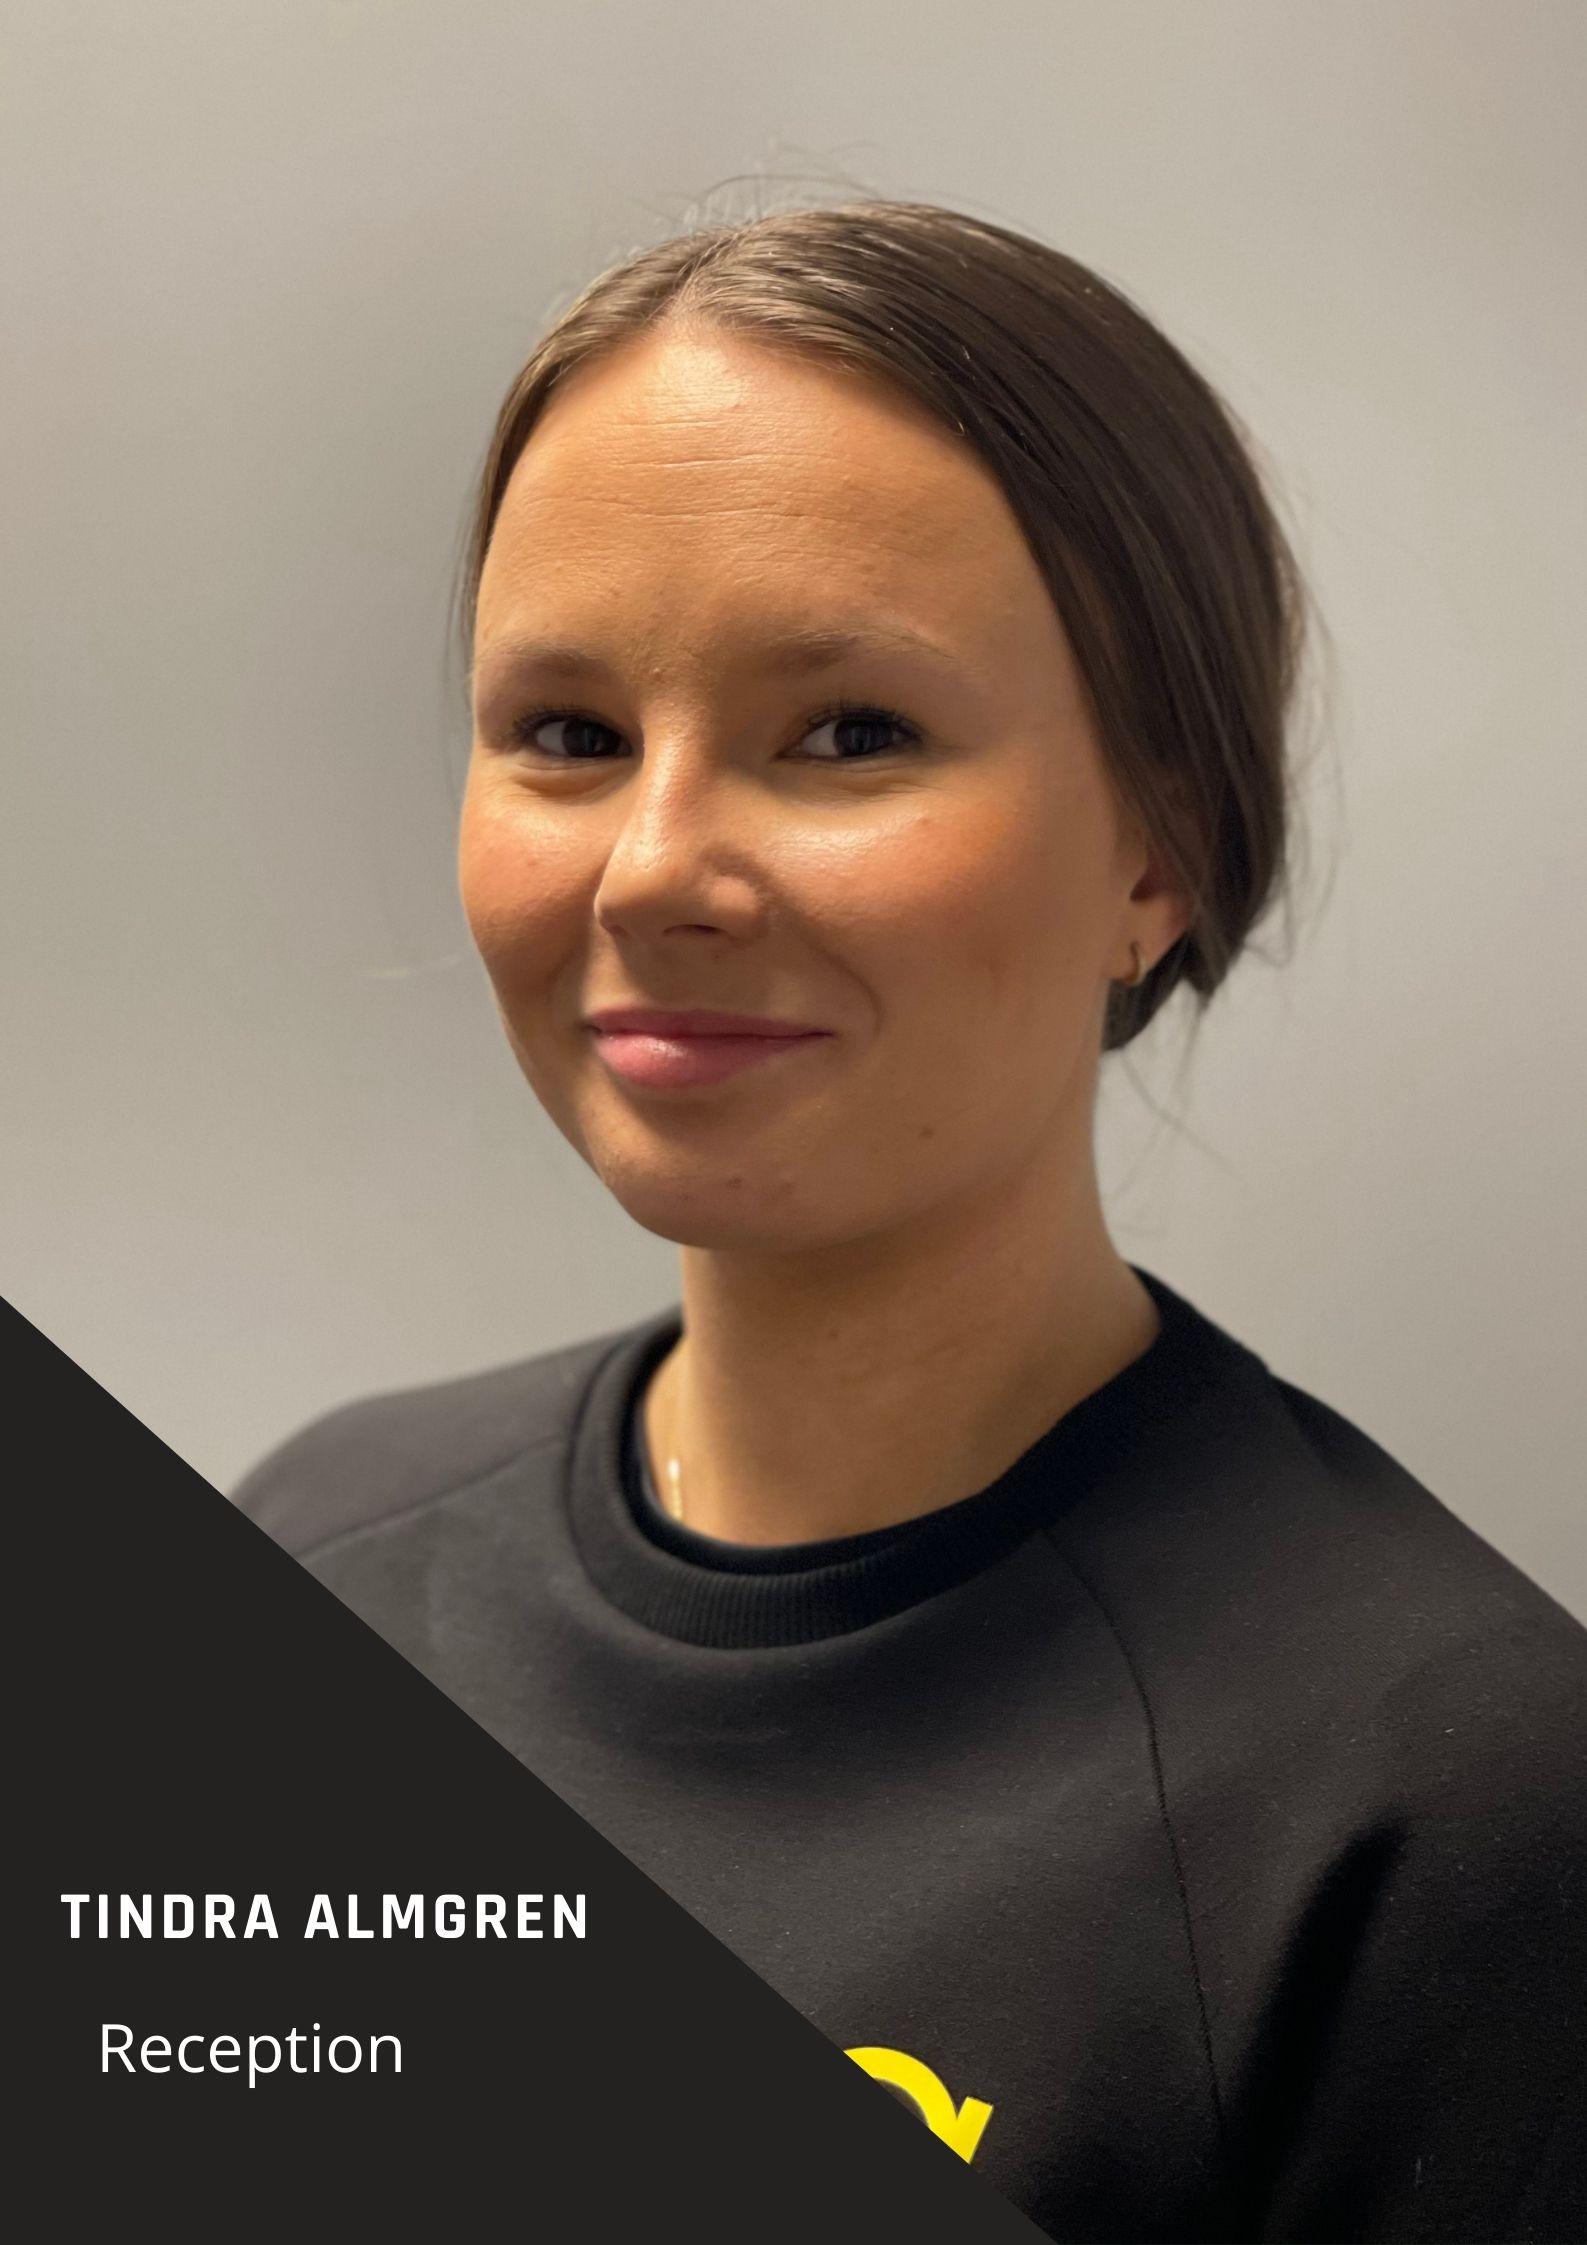 Tindra Almgren